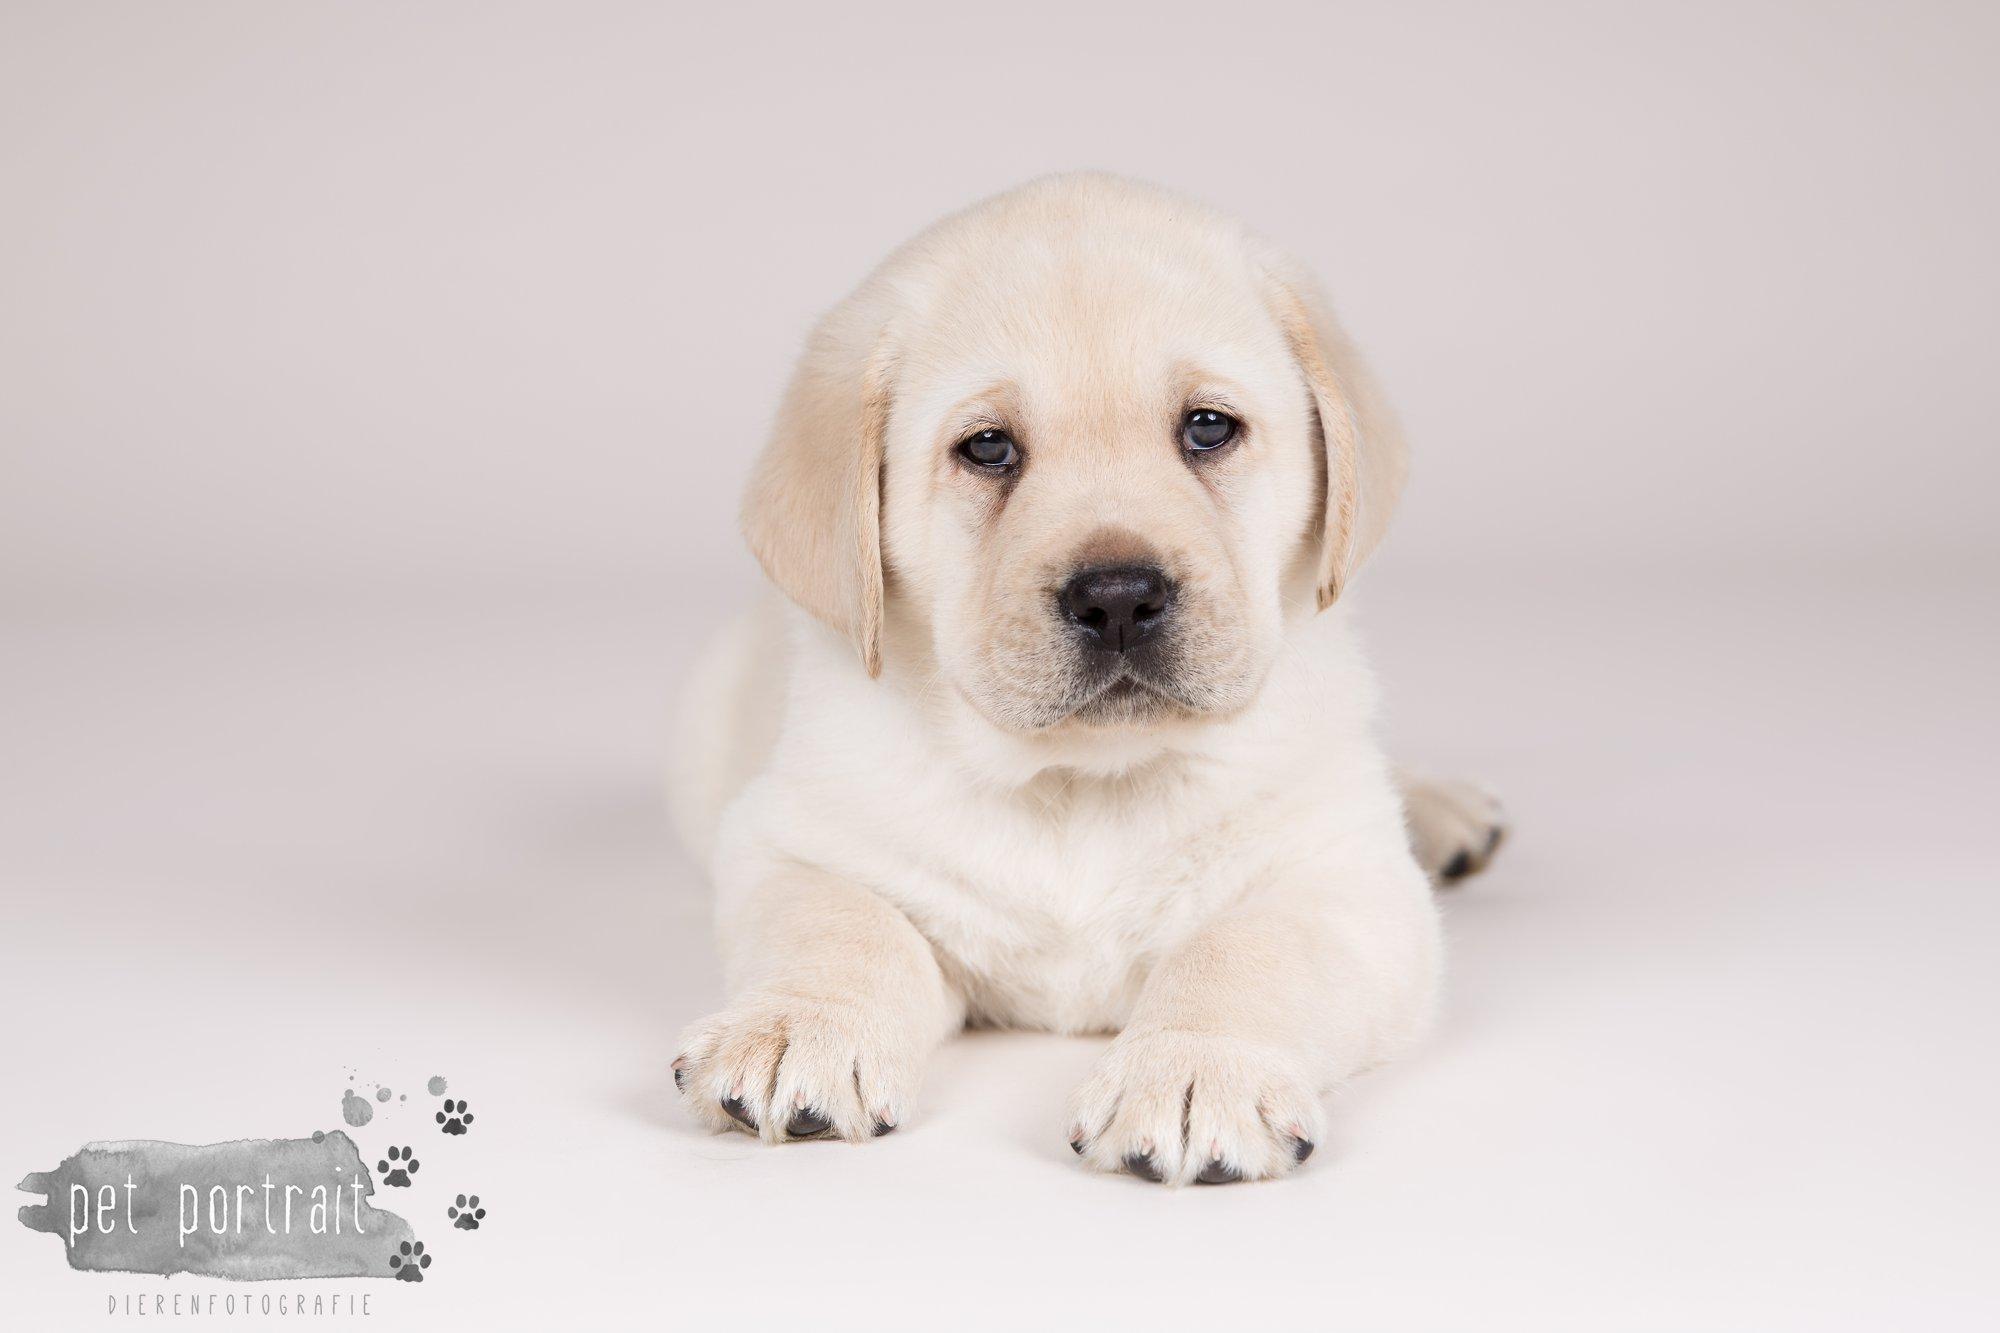 Hondenfotograaf Hillegom - Nestfotoshoot voor Labrador pups-11